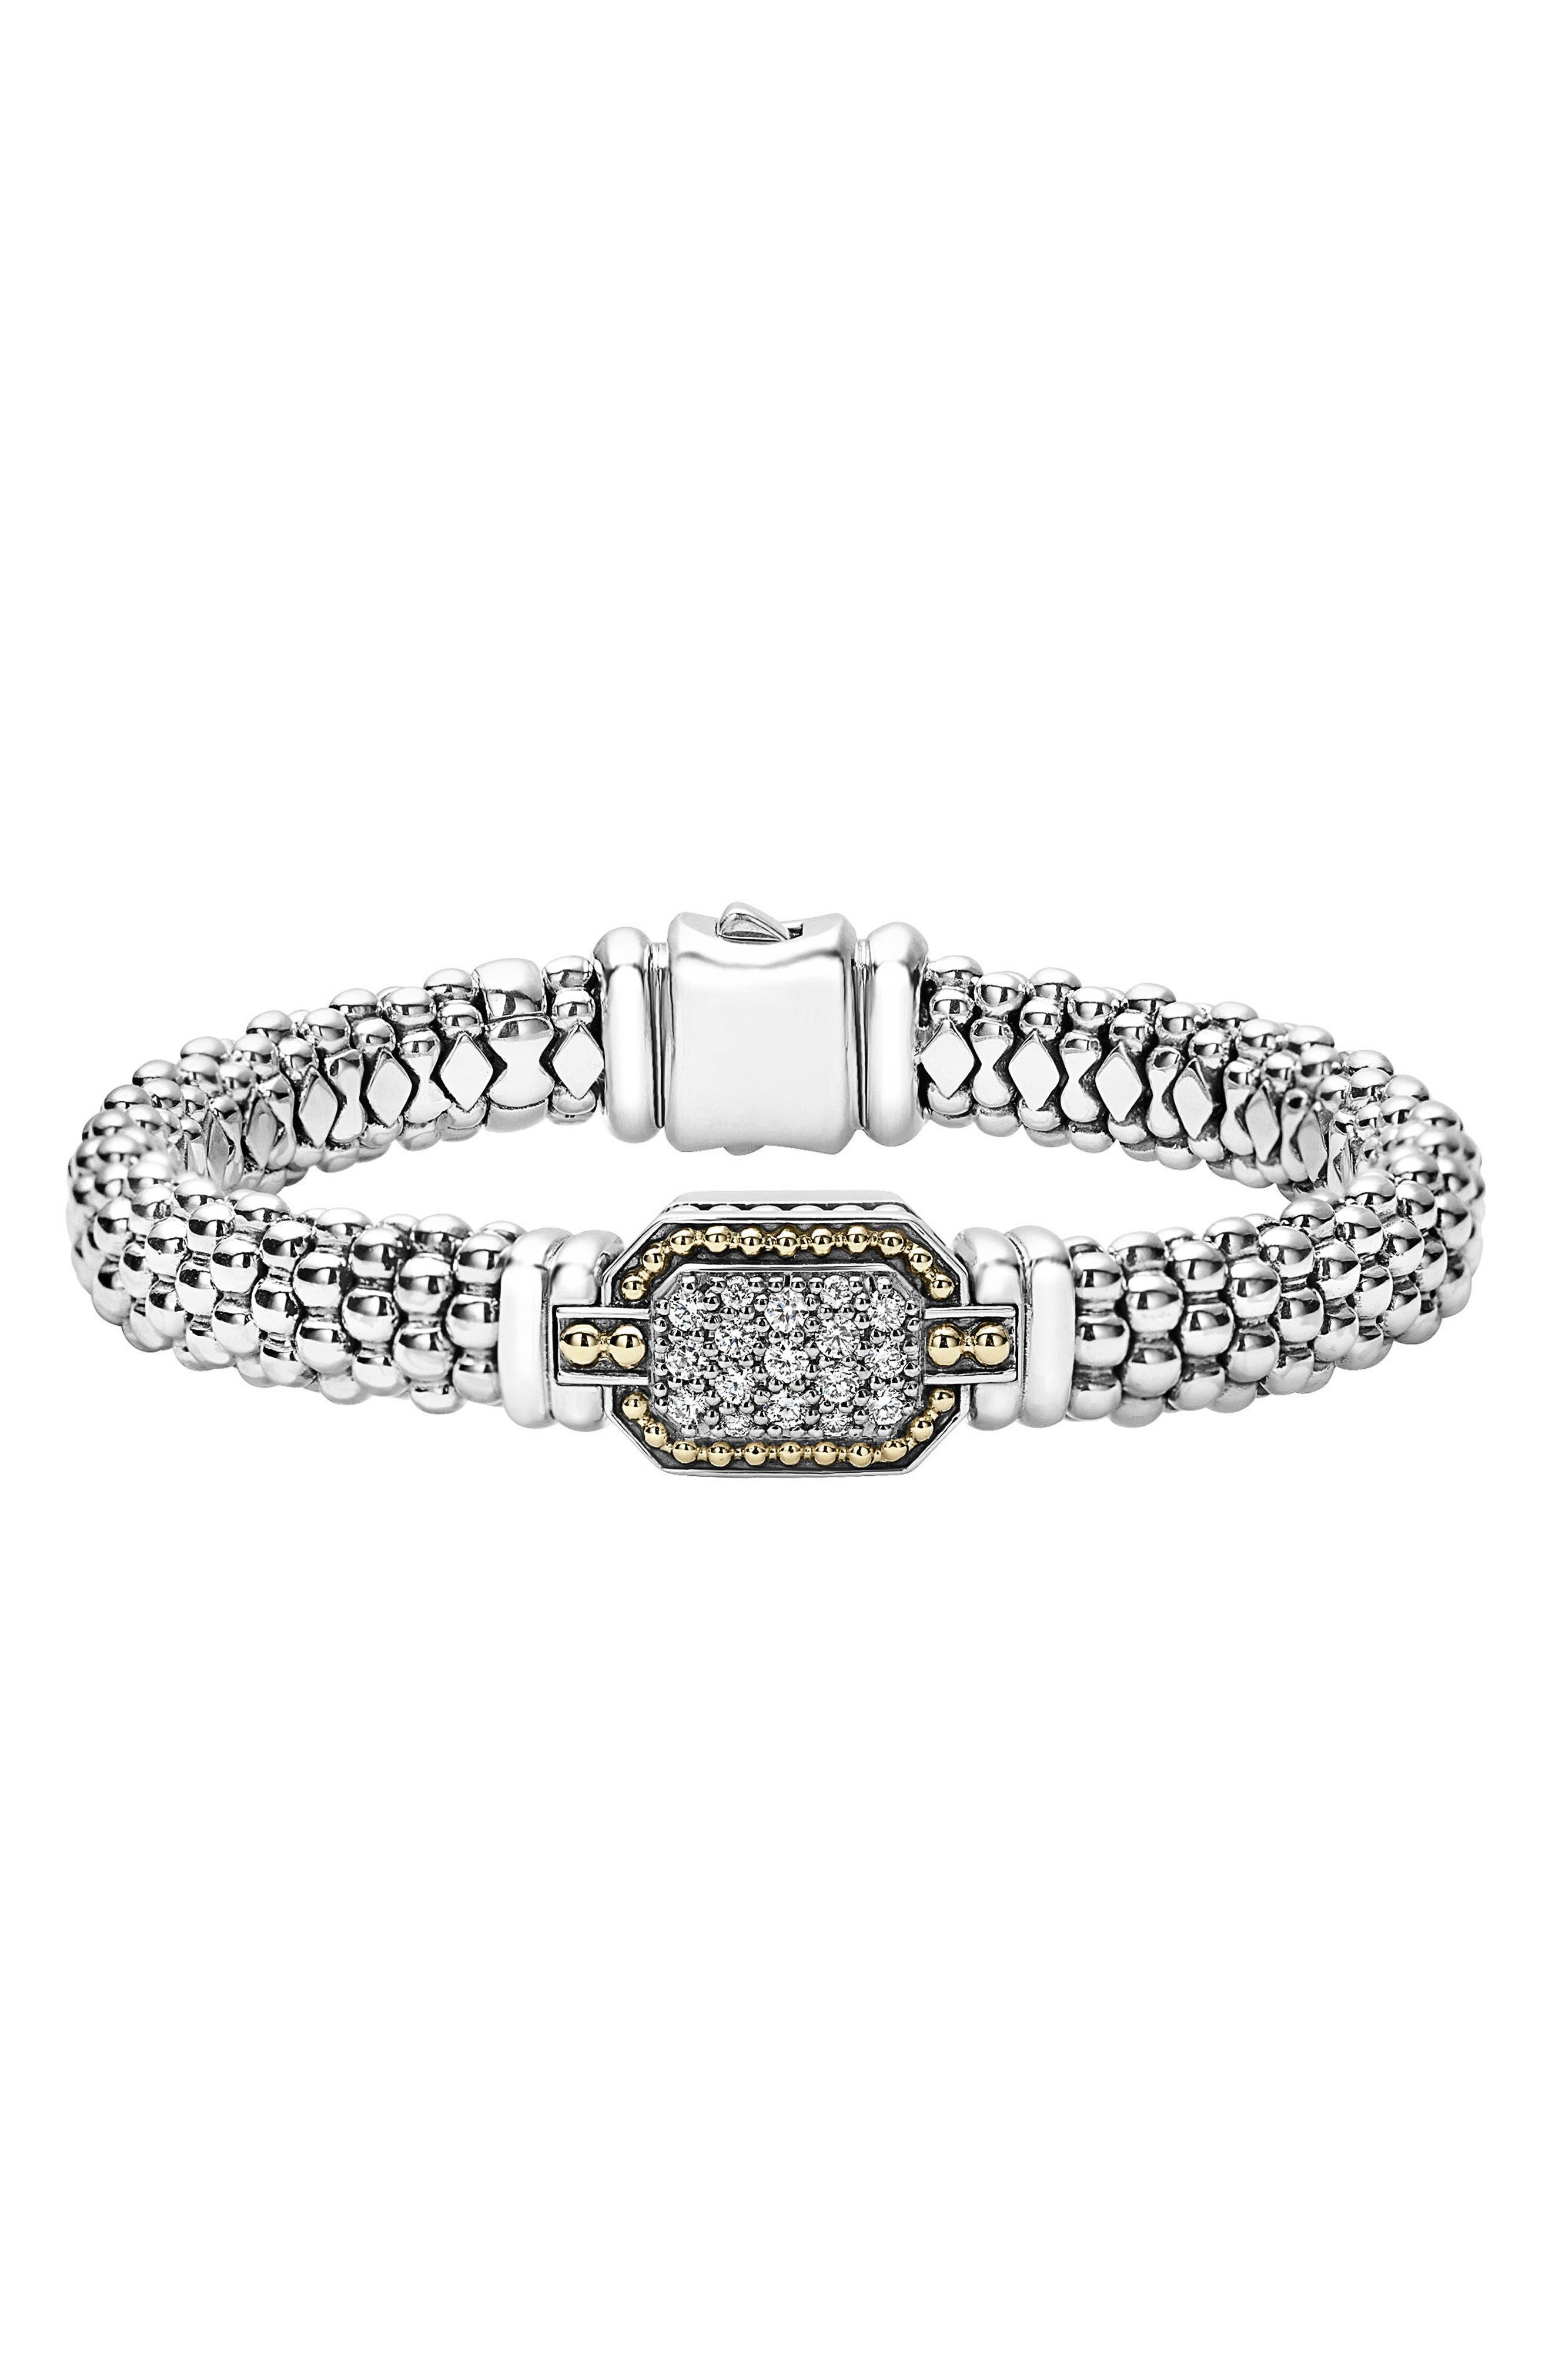 Main Image - LAGOS Diamonds & Caviar Large Diamond Bracelet